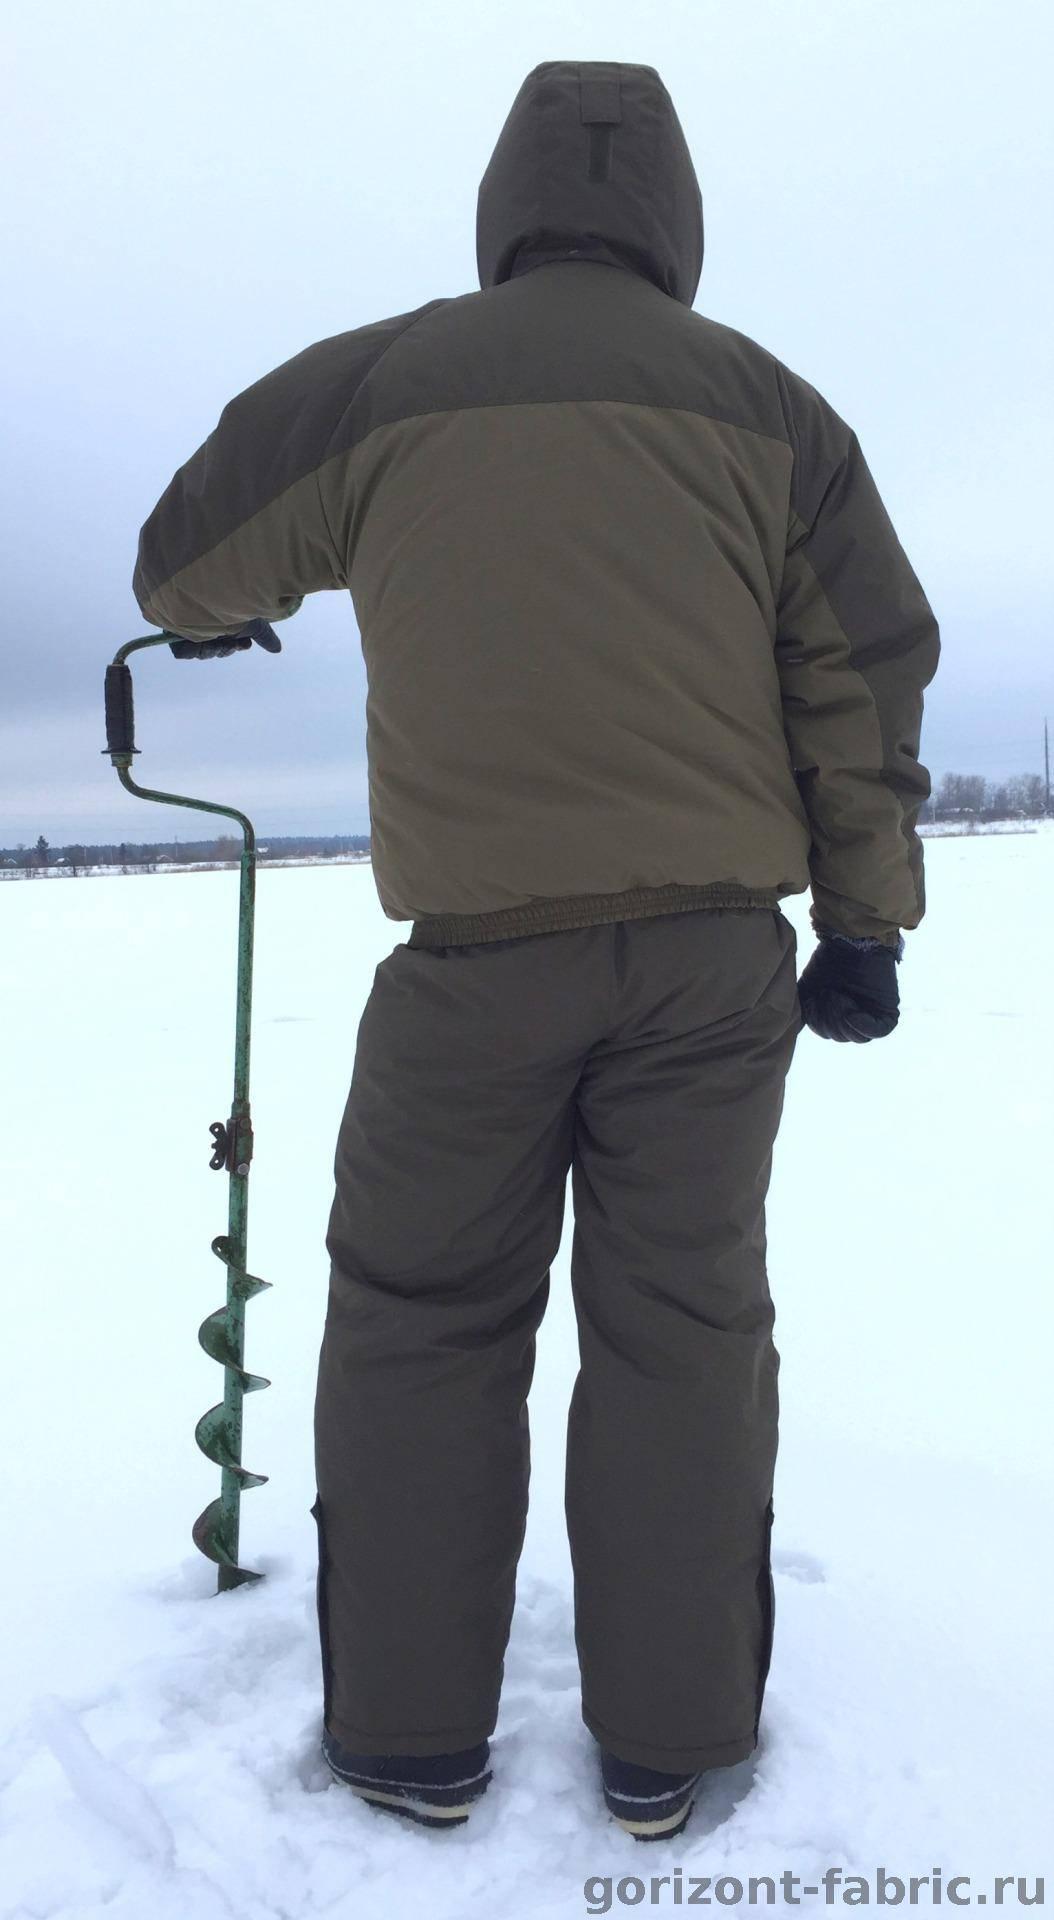 Непромокаемый комбинезон для рыбалки